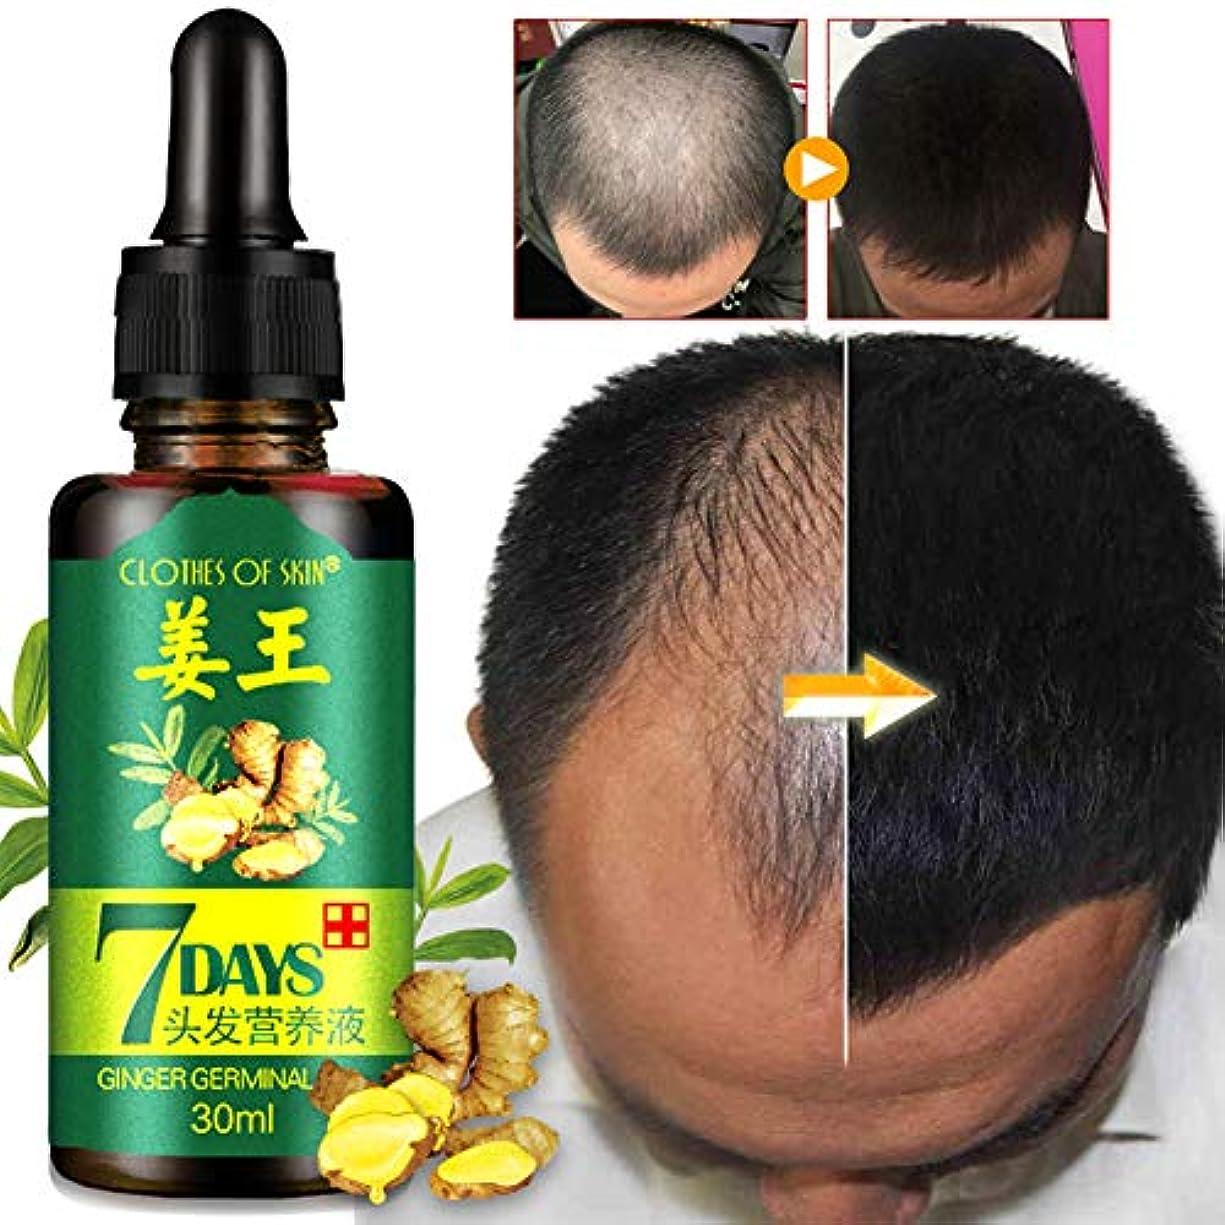 割合オデュッセウスブラウザBalai 男性と女性のためのより健康的な髪のヘアケアのための脱毛治療 生inger毛成長血清 30ml